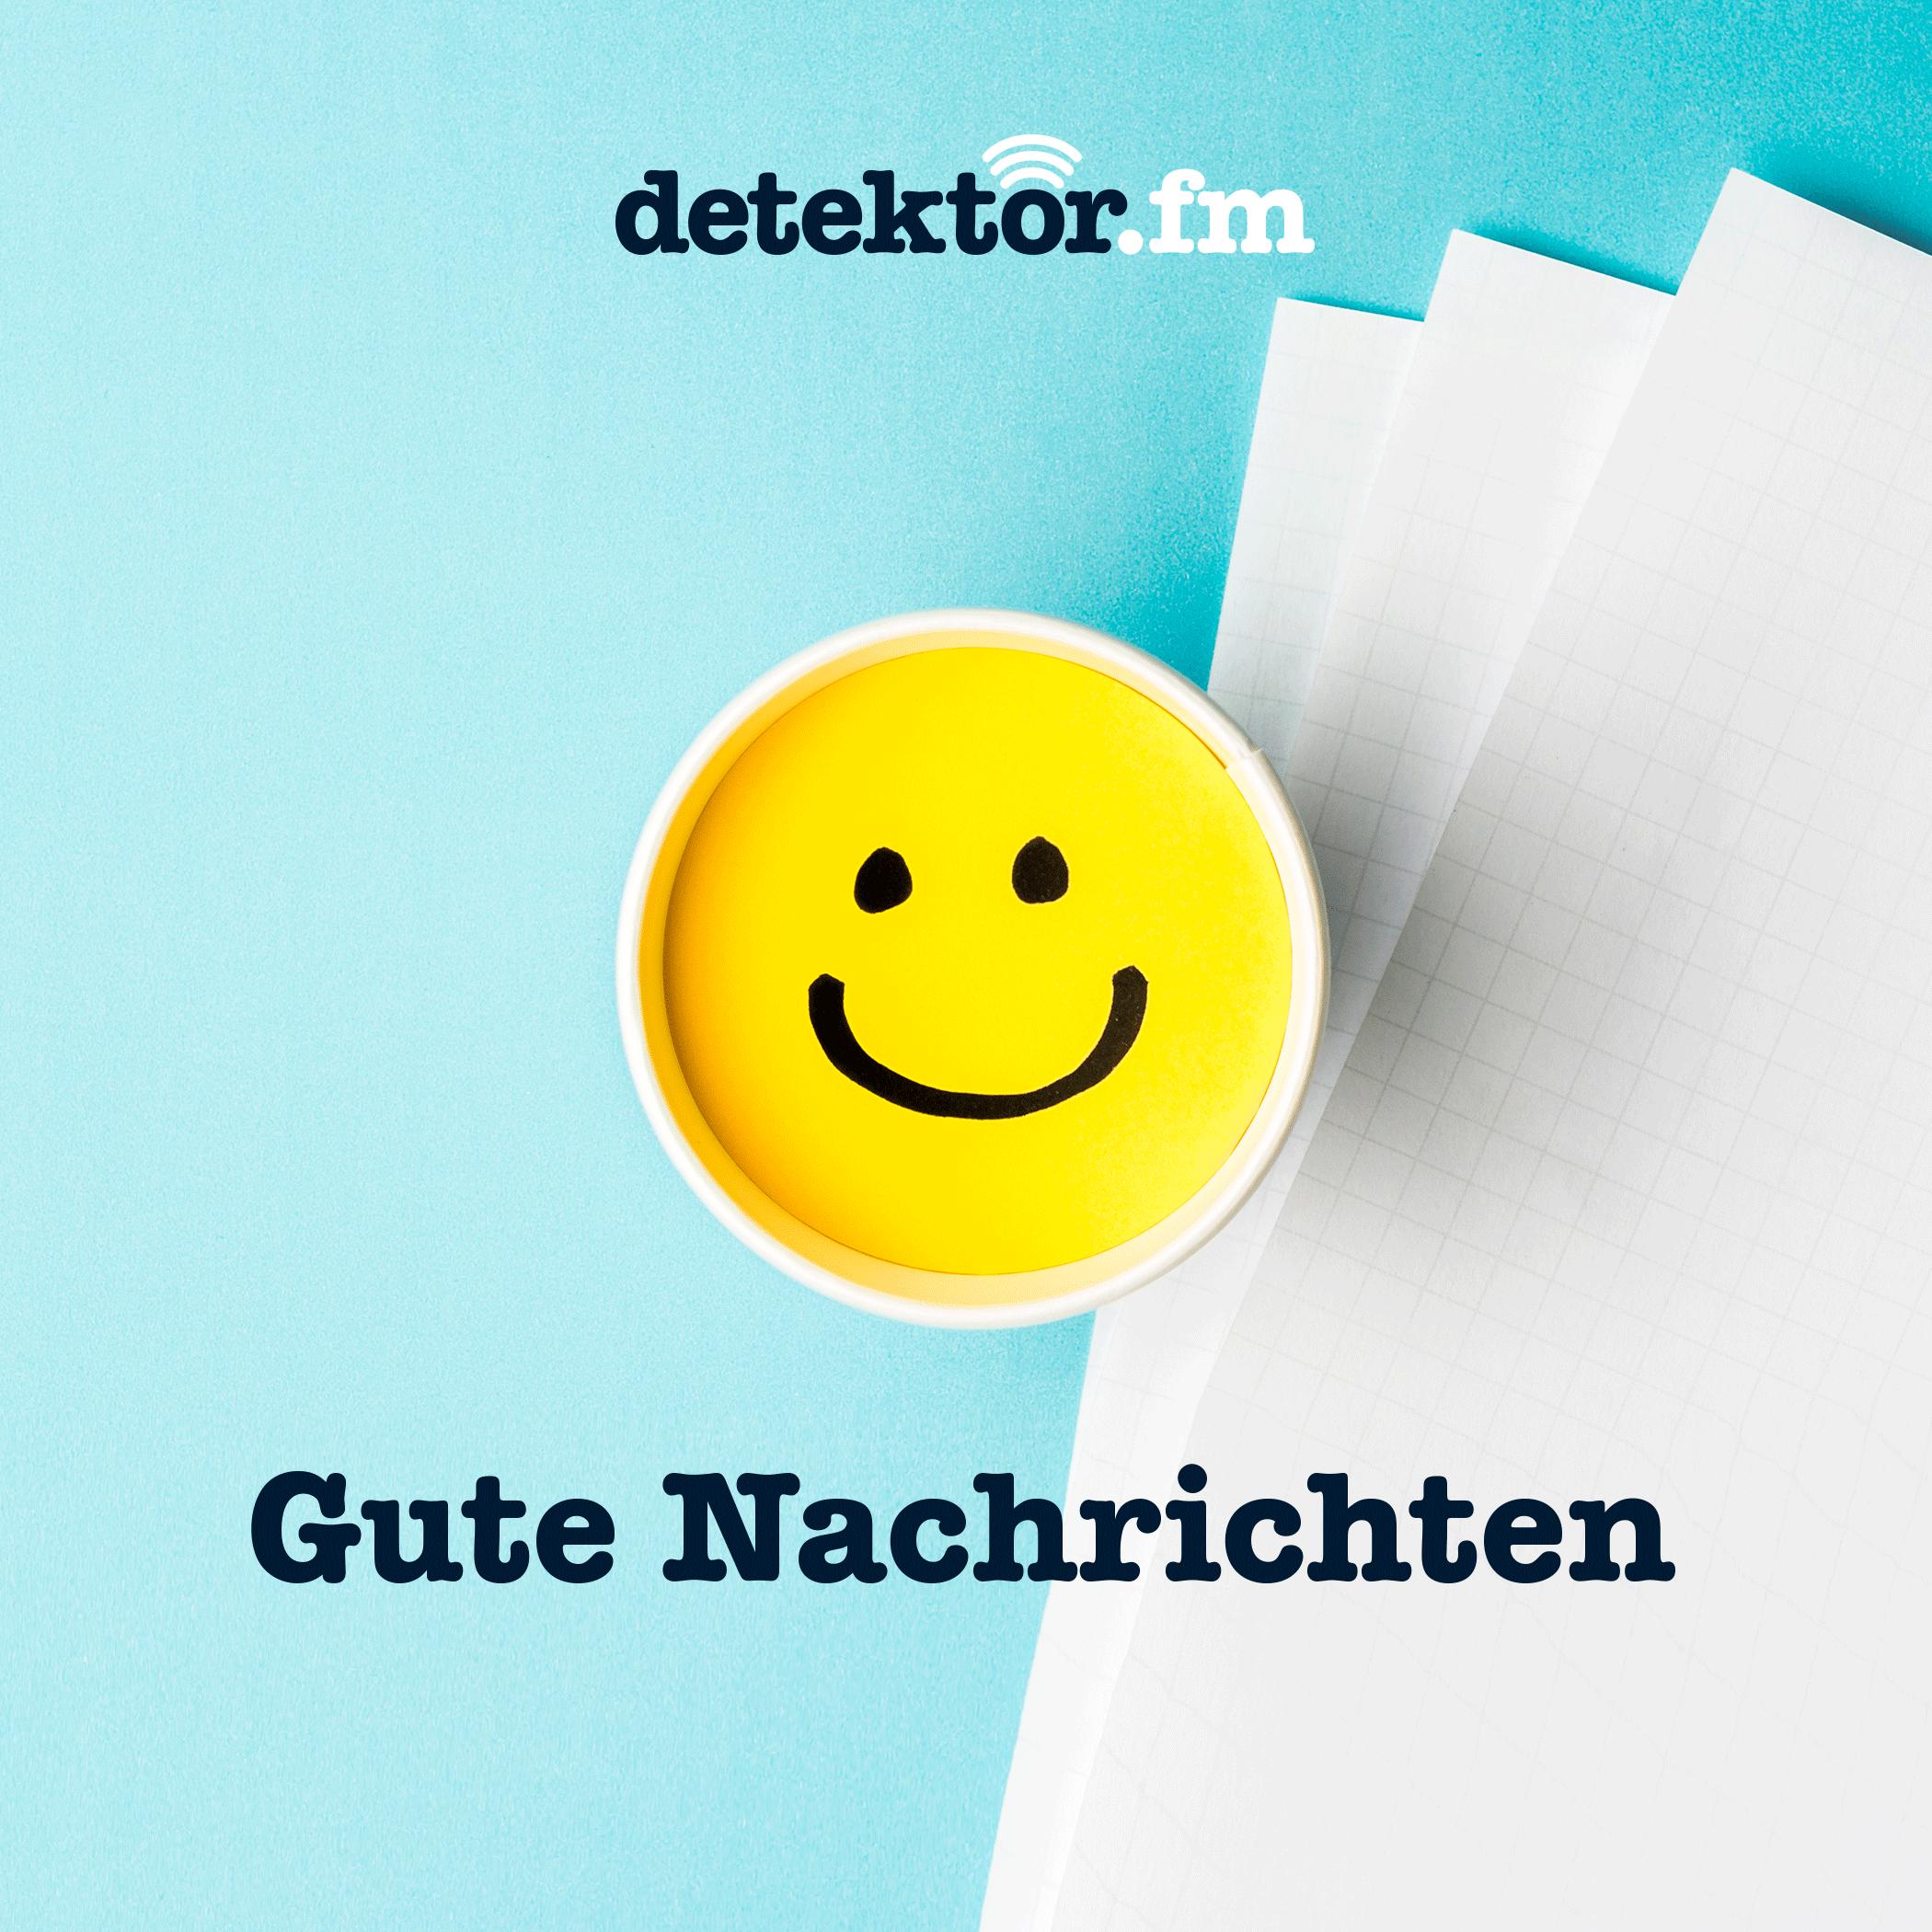 Gute Nachrichten – detektor.fm